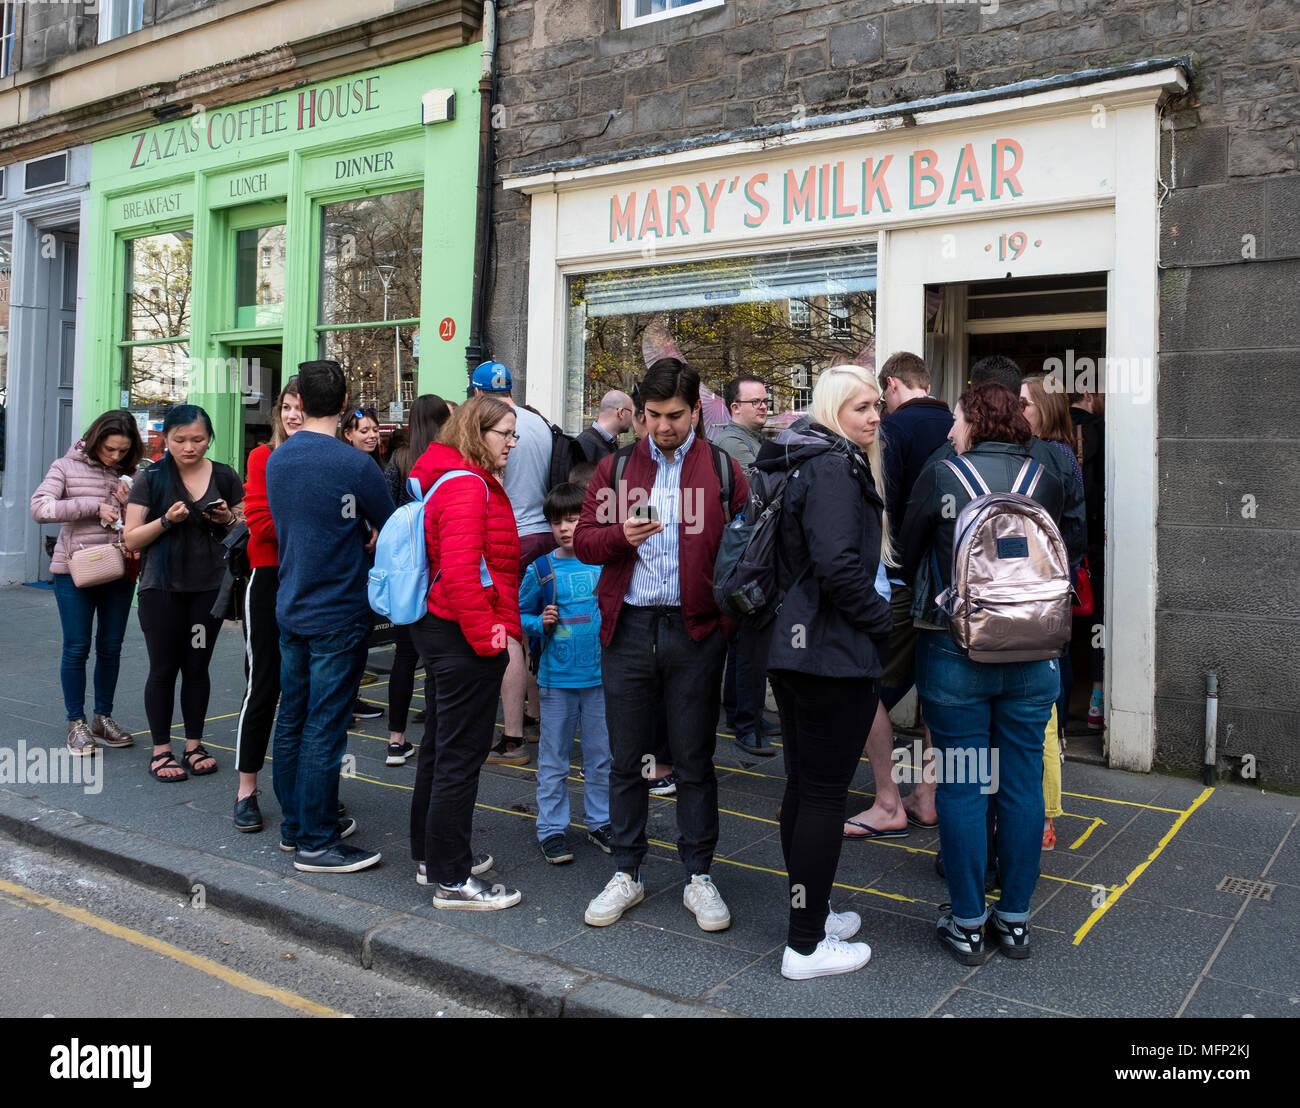 Des gens de l'extérieur de la file d'Mary's Milk Bar sur Grassmarket dans la vieille ville d'Édimbourg, Écosse, Royaume-Uni Photo Stock